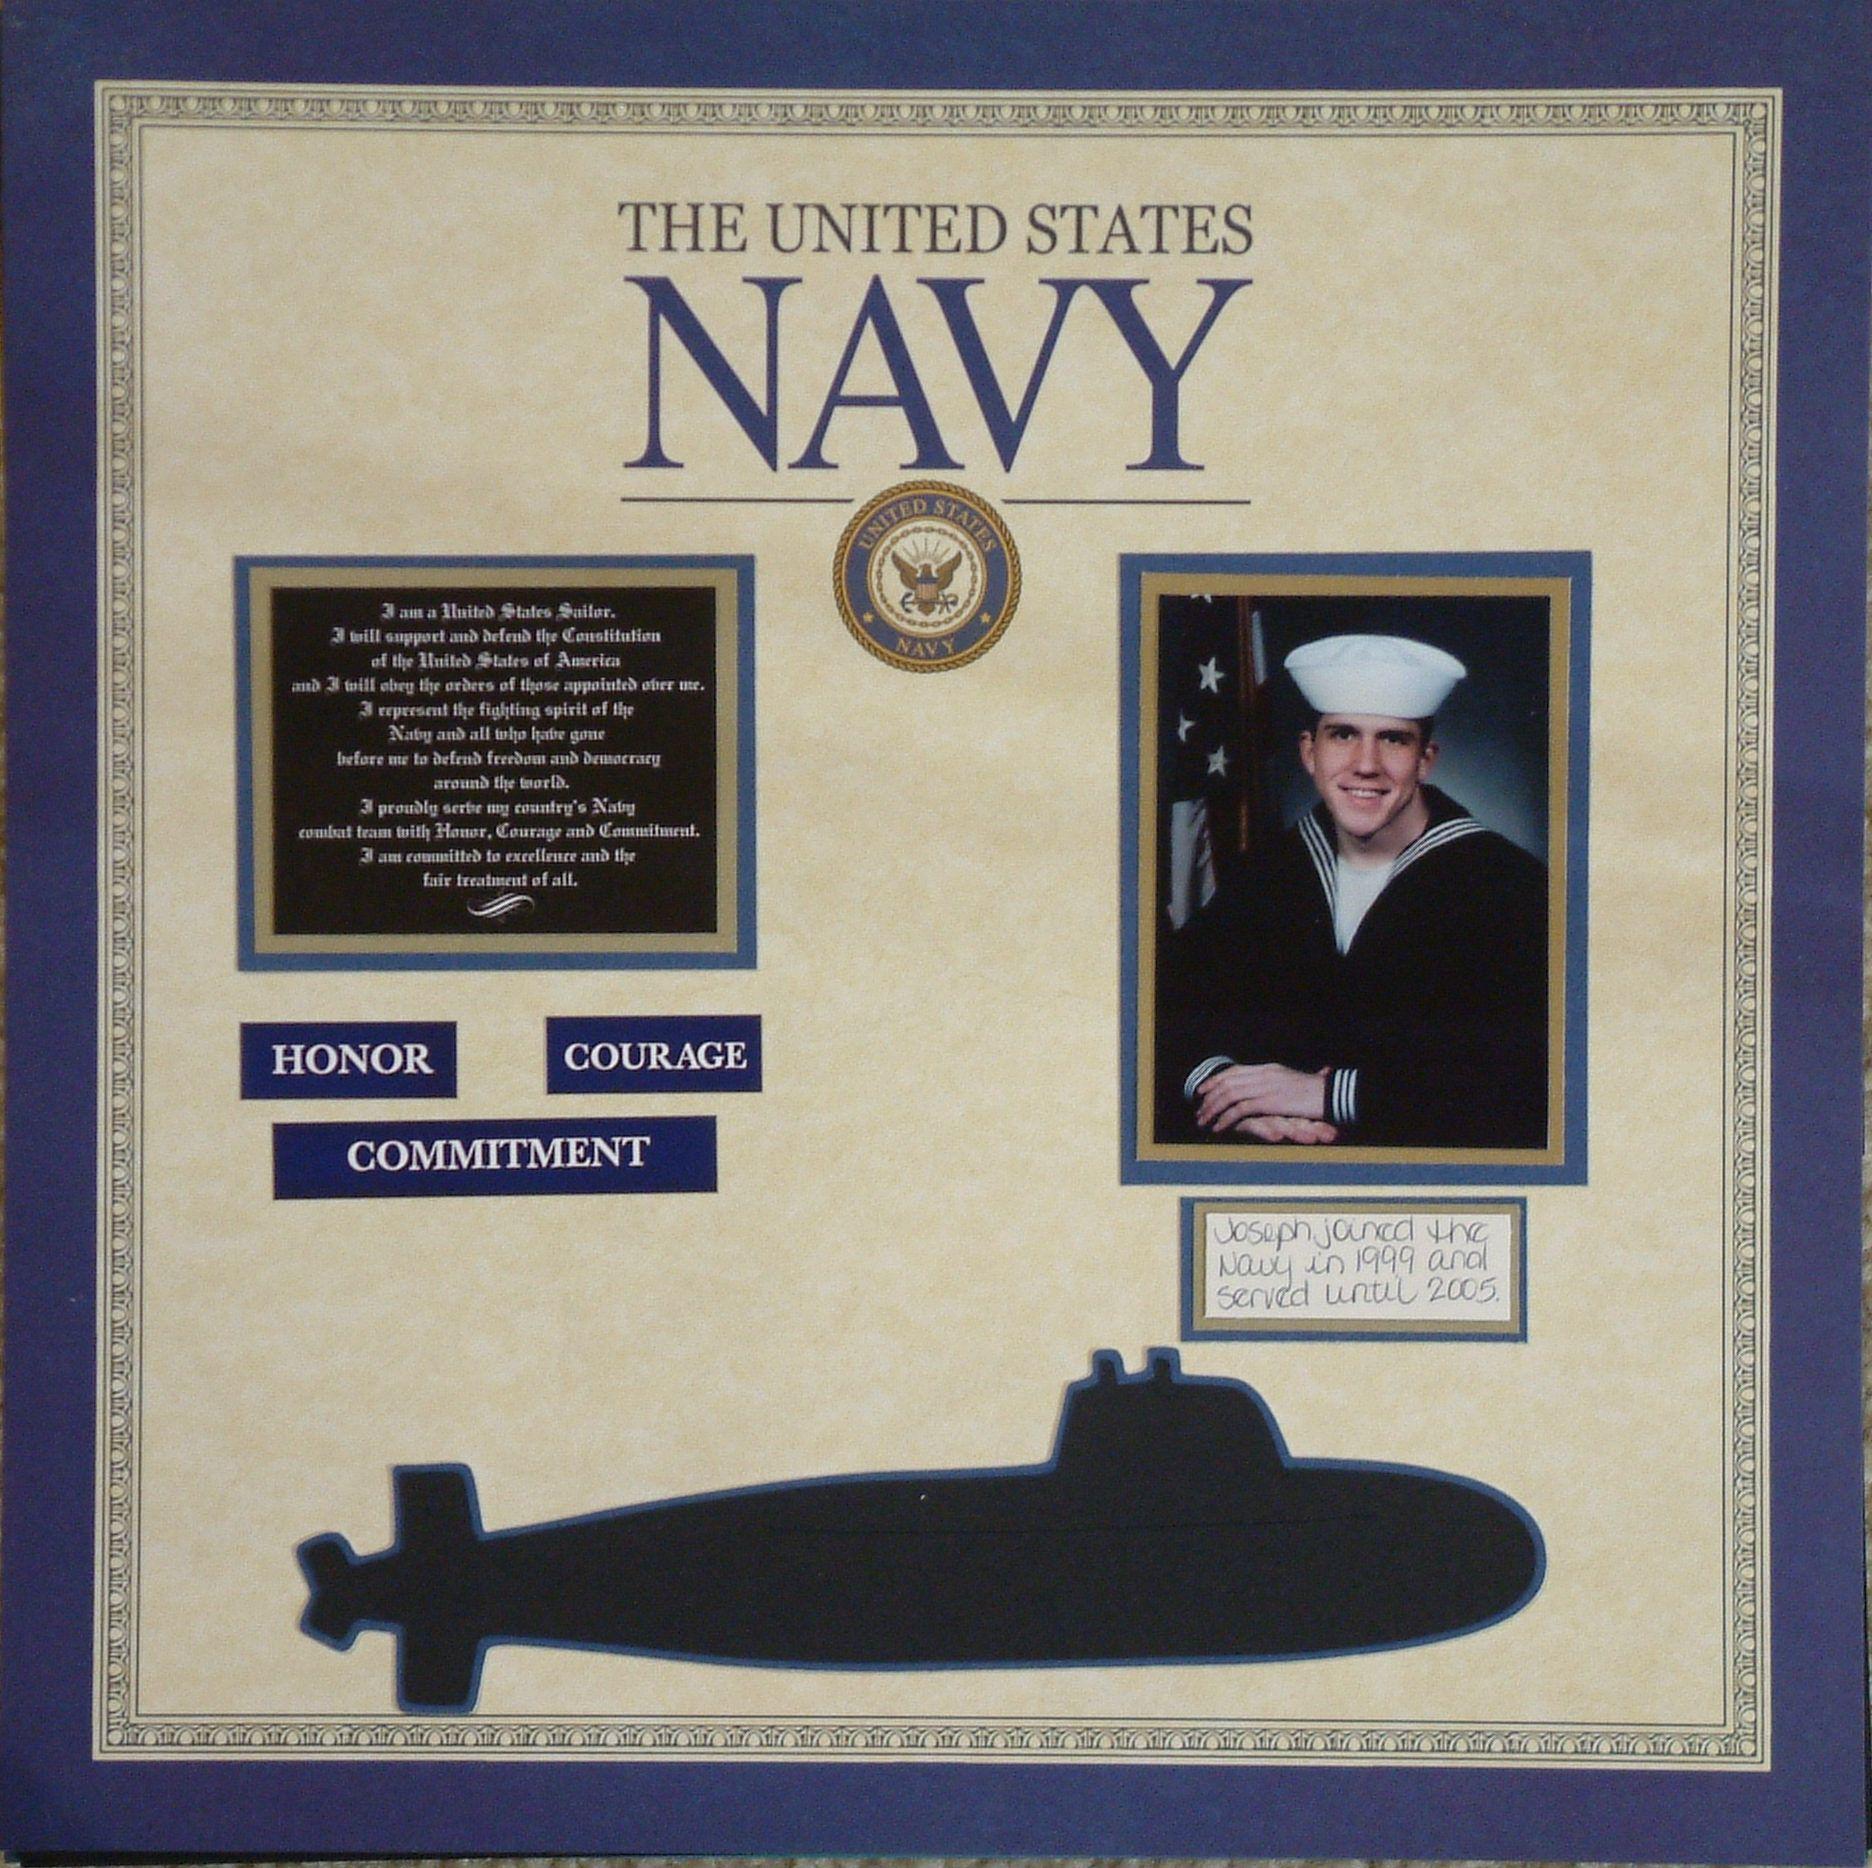 Vietnam scrapbook ideas - Navy Scrapbook Com He Served 5 Years In The Navy He Is Now